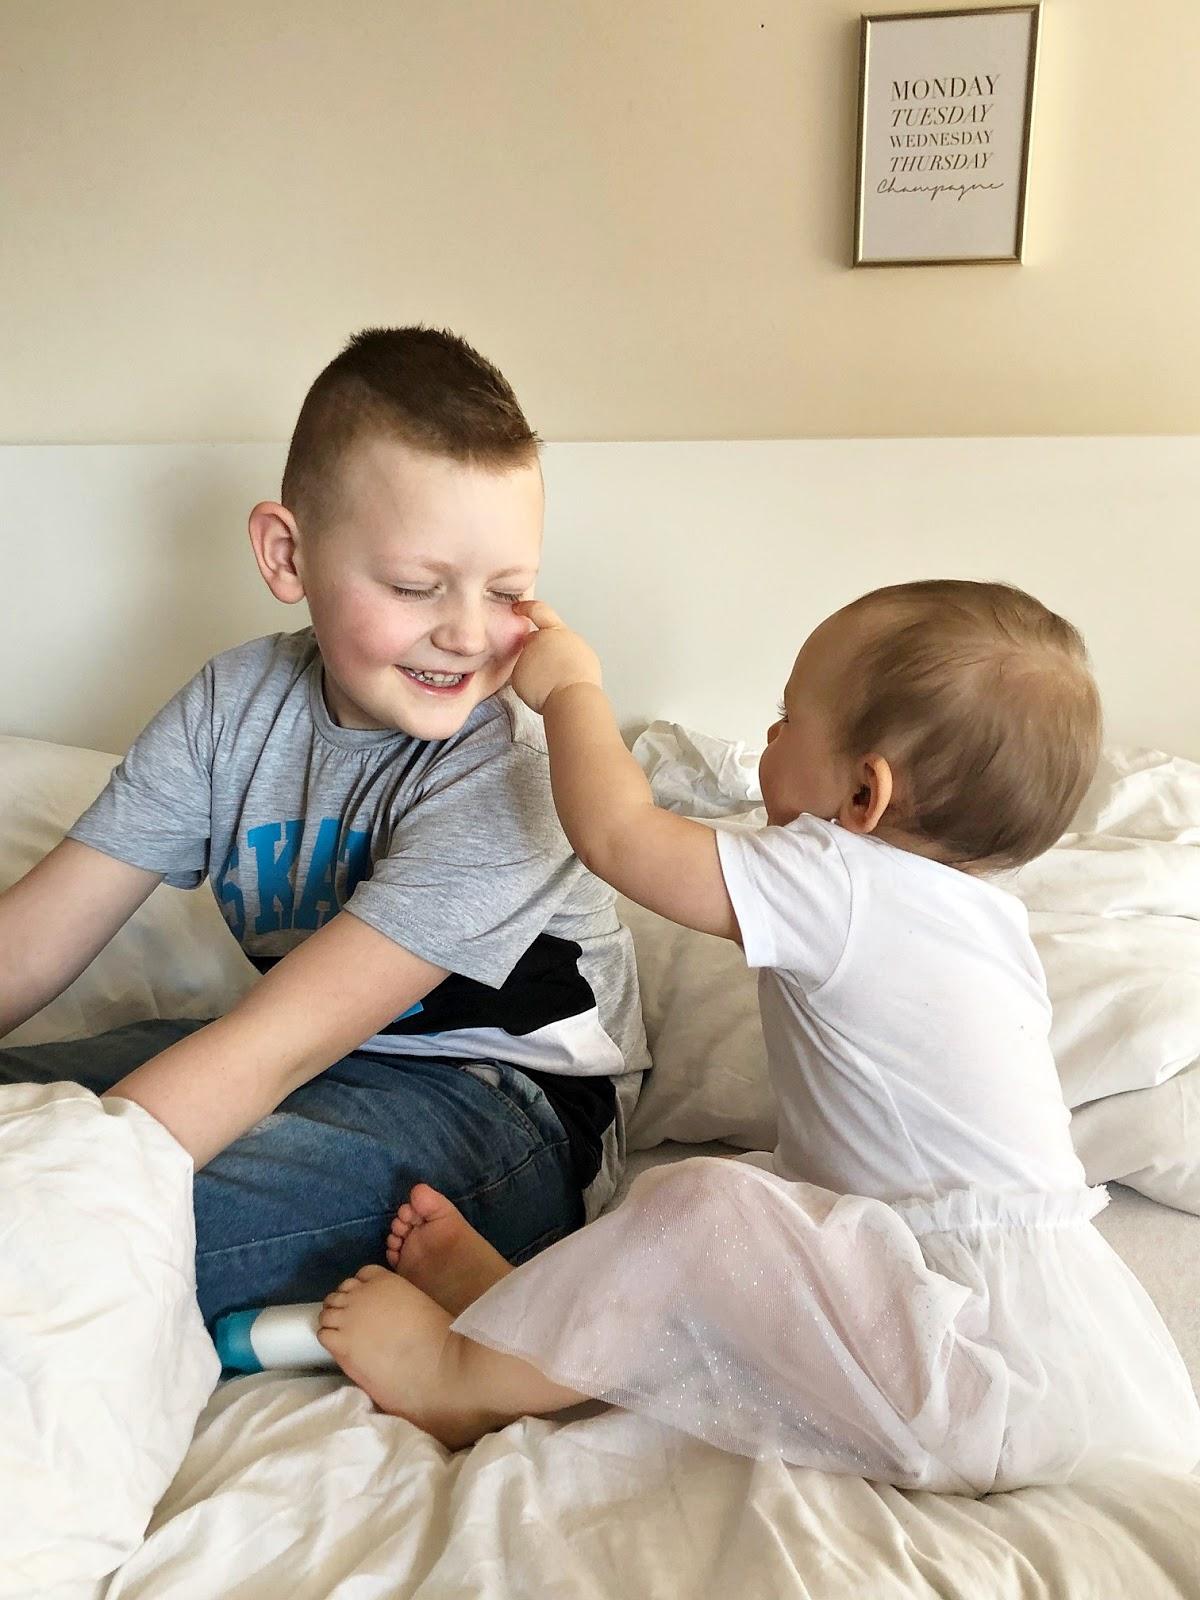 różnica wieku między rodzeństwem